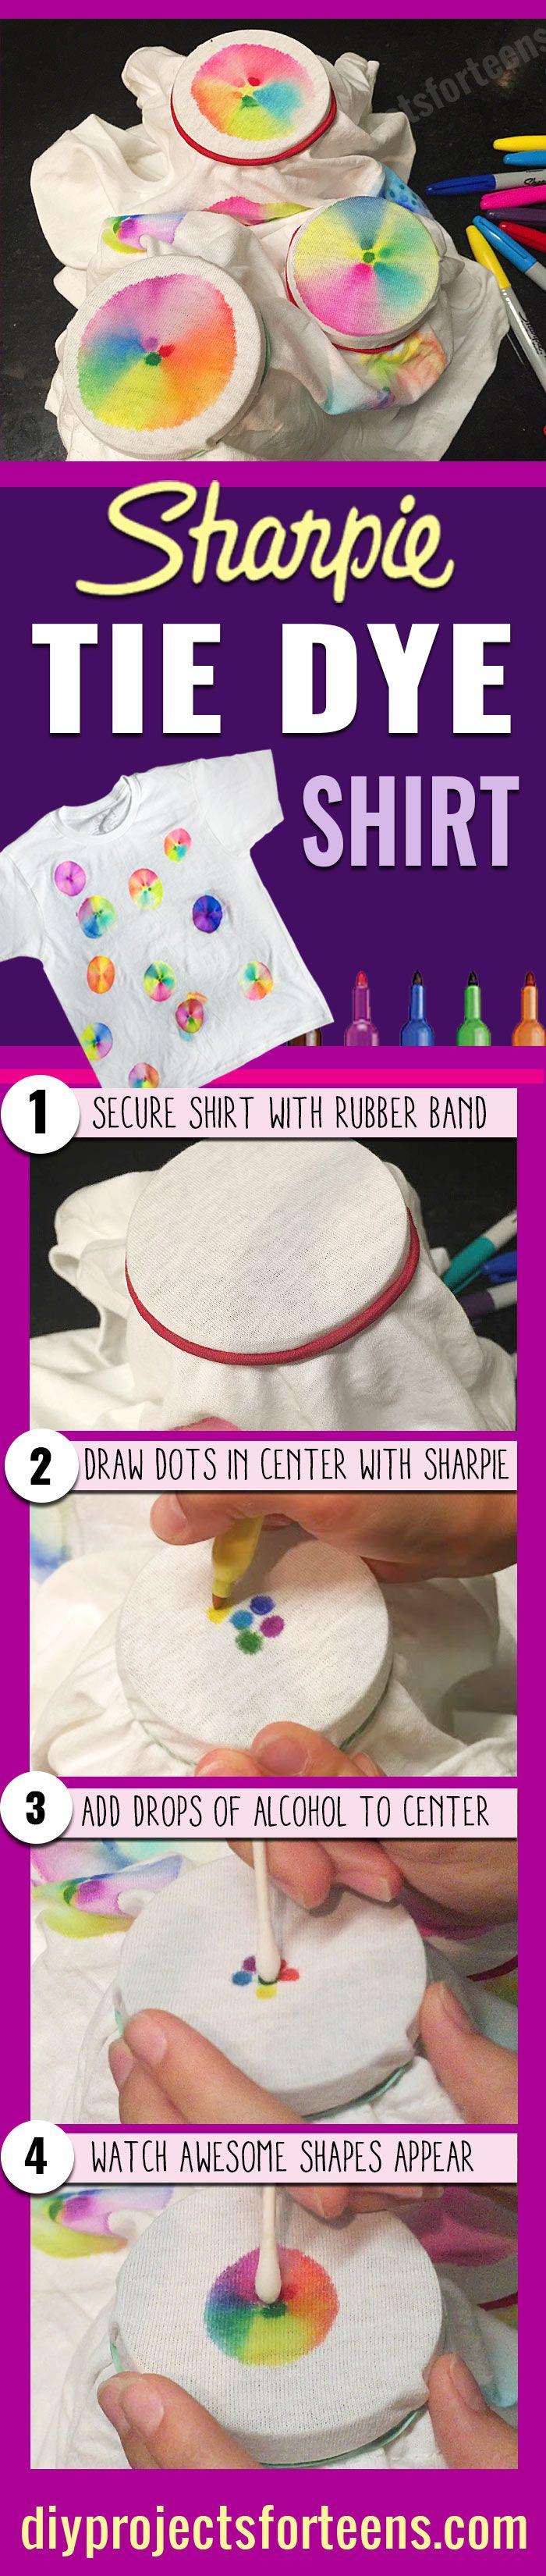 25 Best Ideas About Tie Dye Instructions On Pinterest